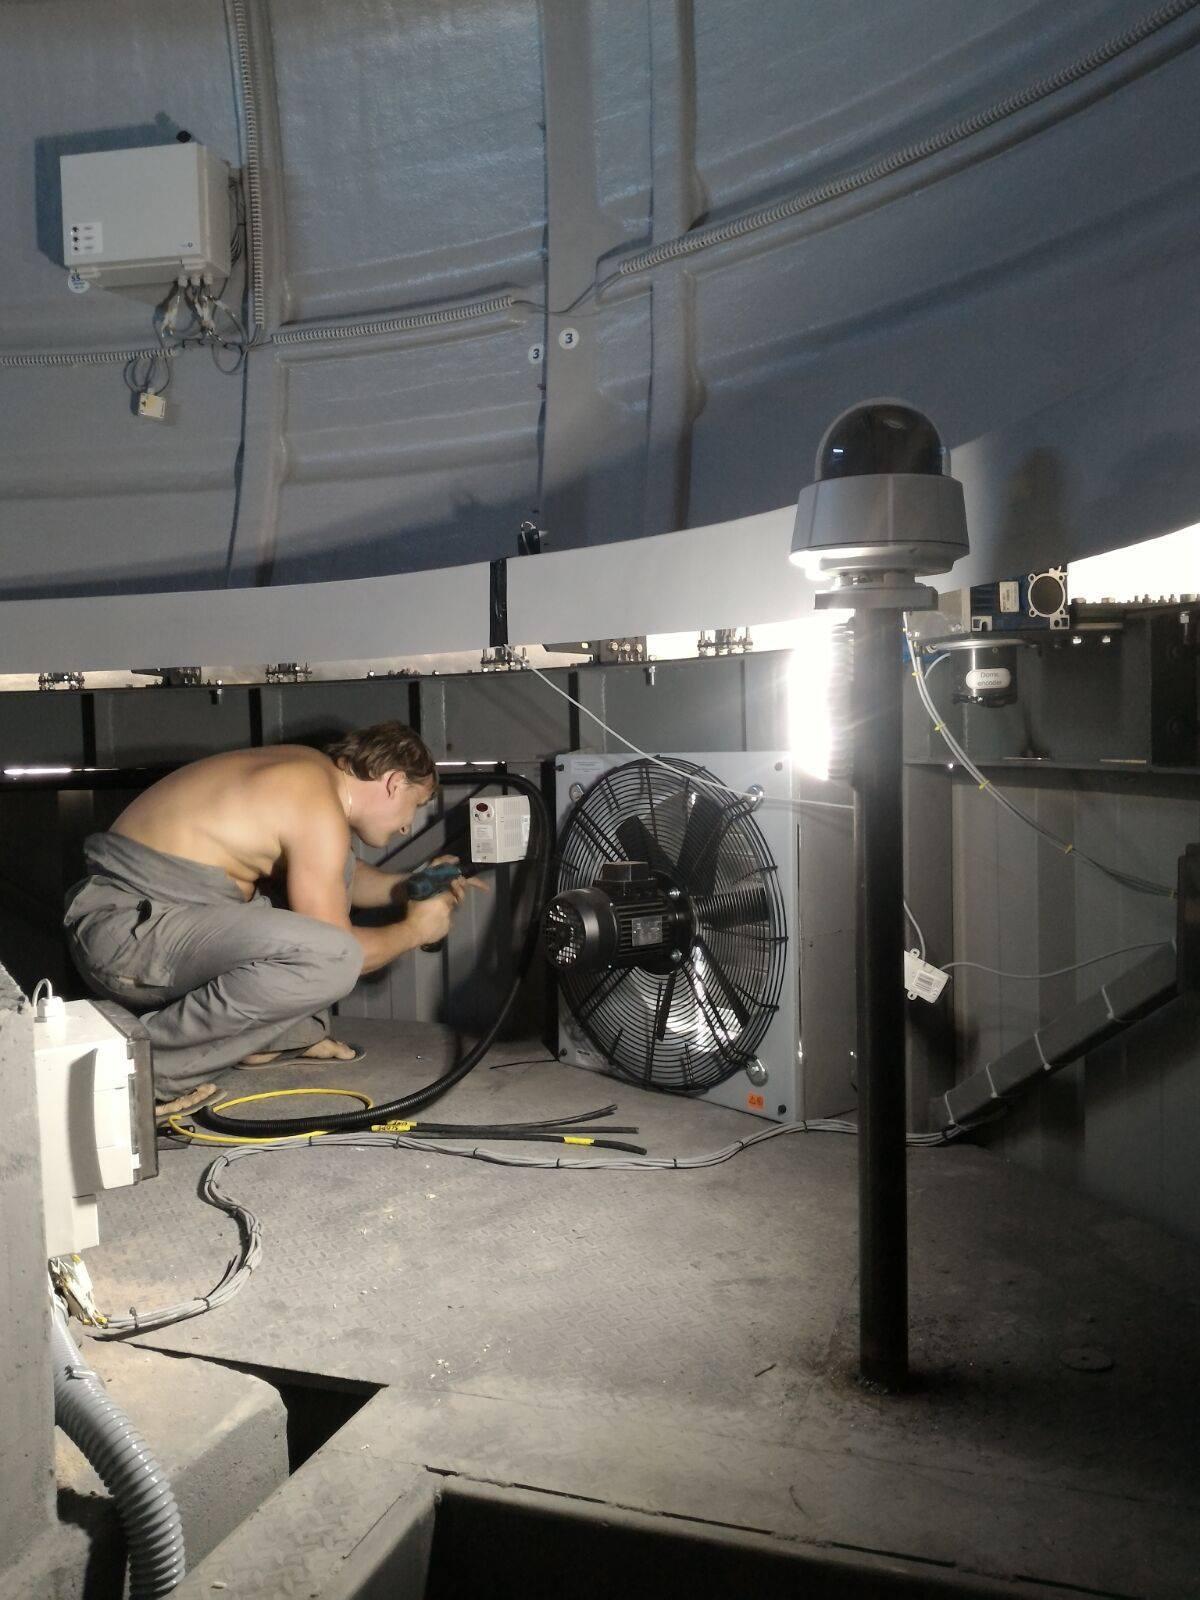 «Космонавты» в Чили: как мы делали всю ИТ-инфраструктуру для четырех телескопов в Андах - 27